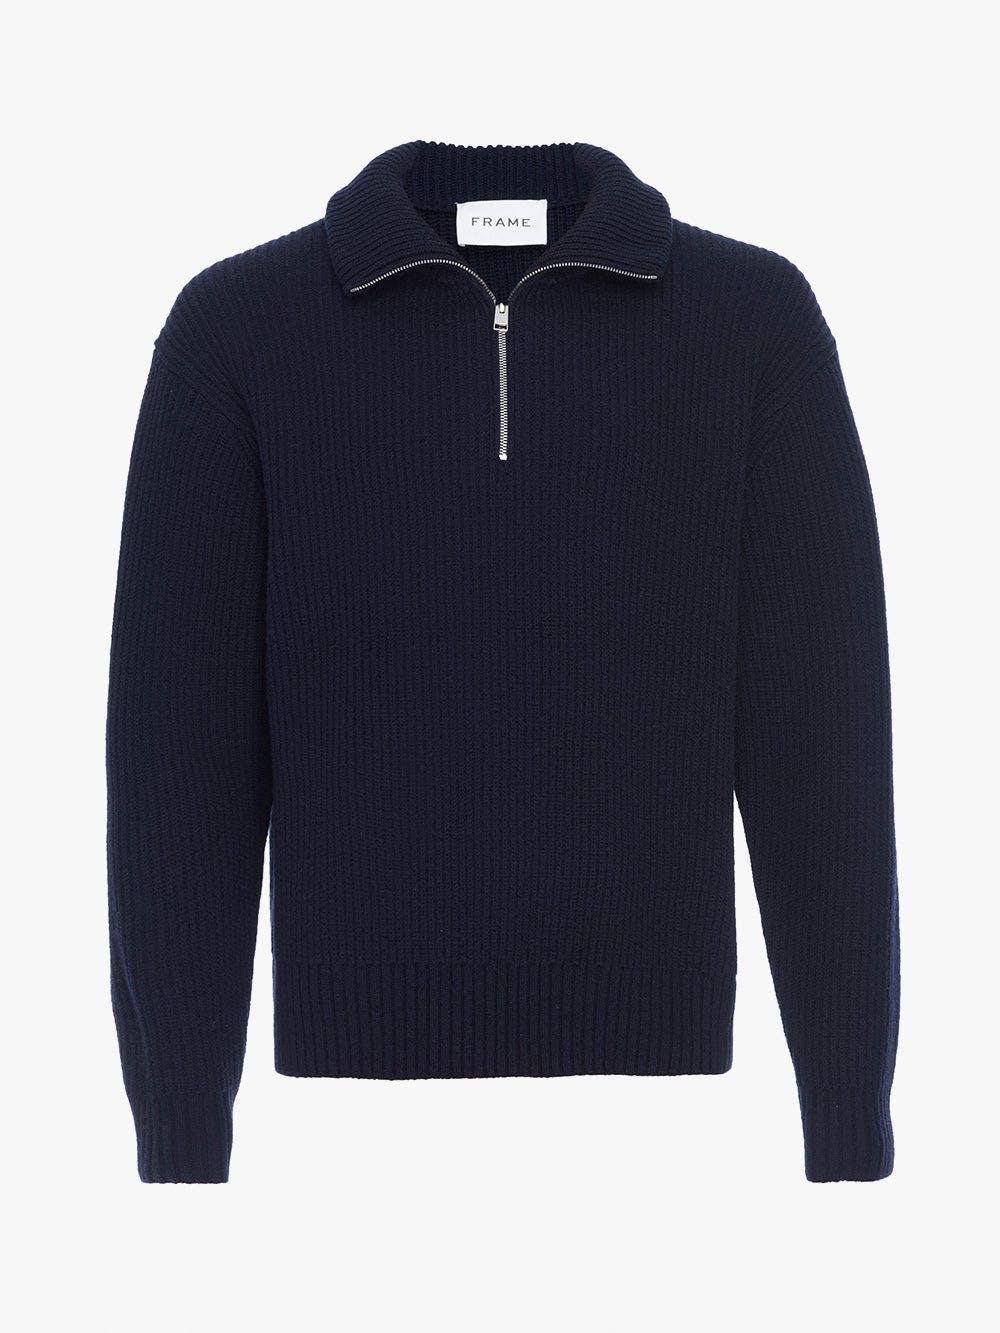 The Essential Half Zip Sweater -- Navy